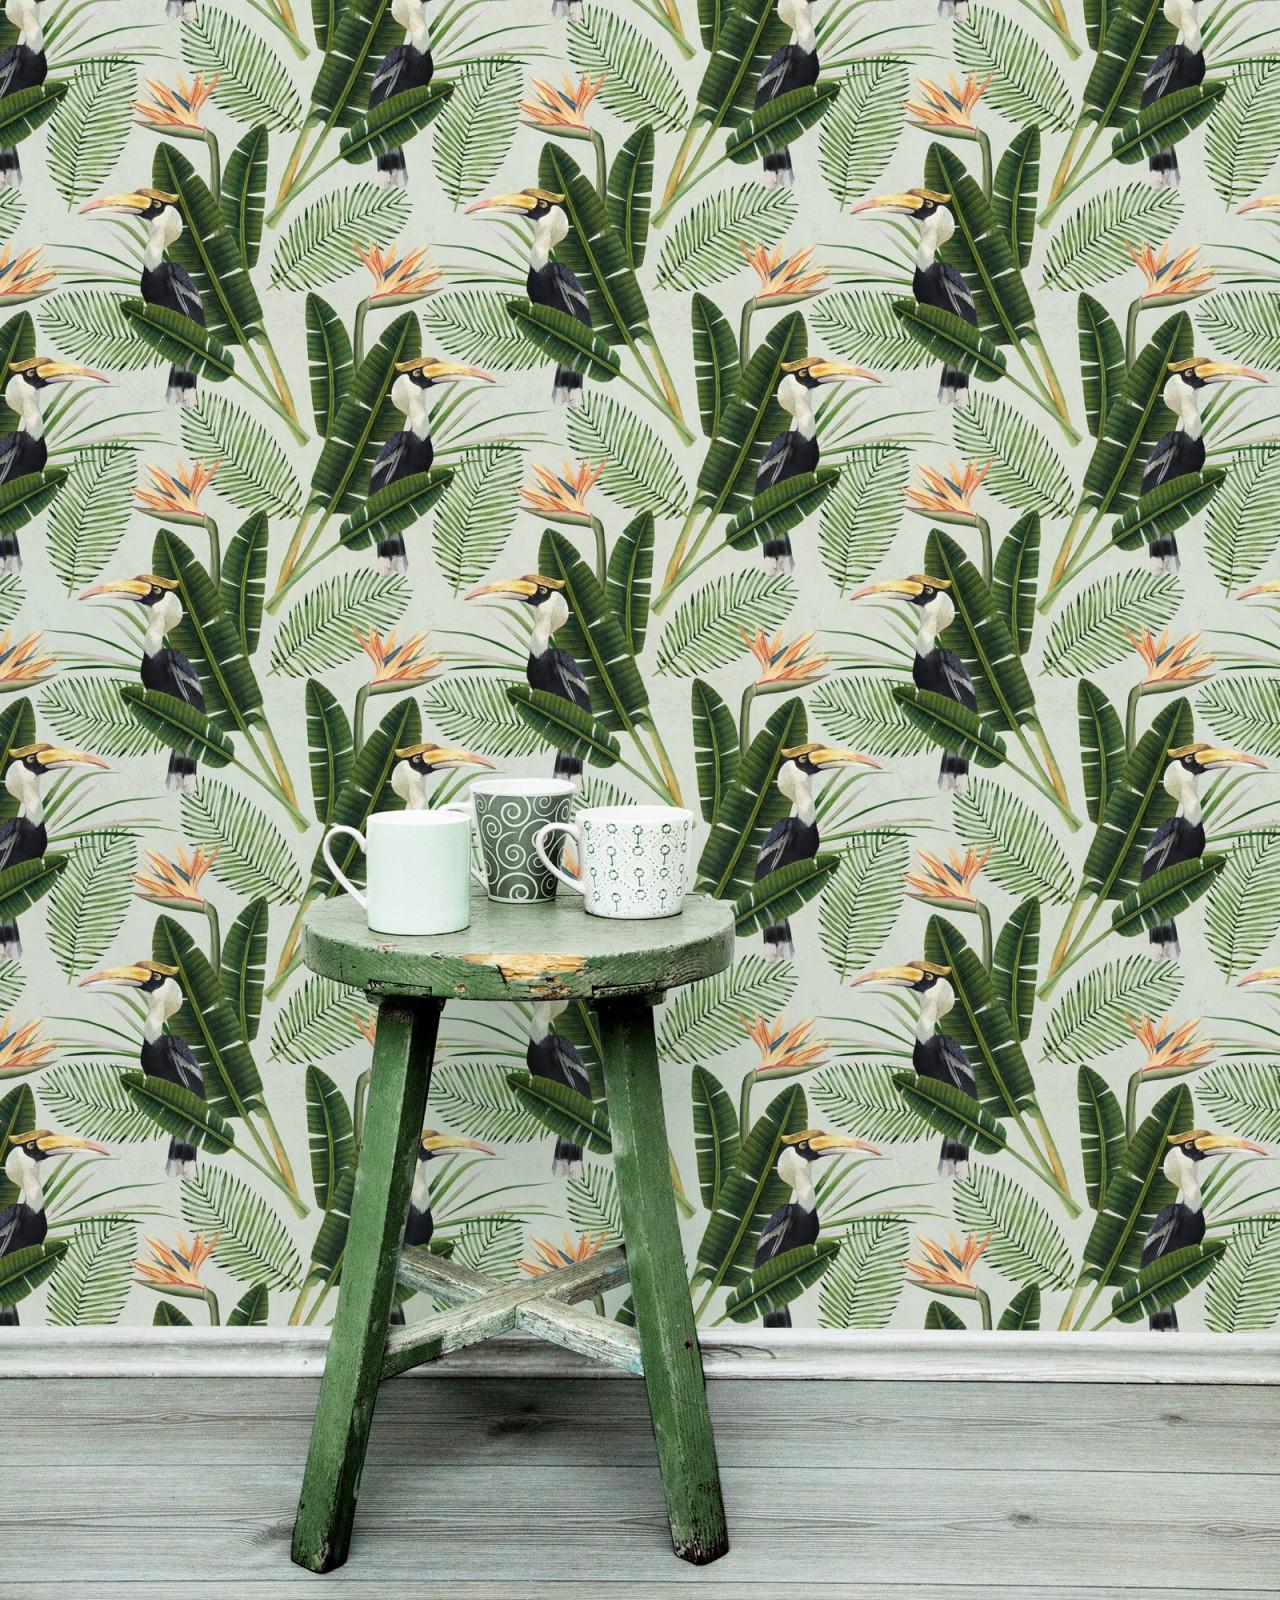 BIRDS OF PARADISE Premium Wallpaper